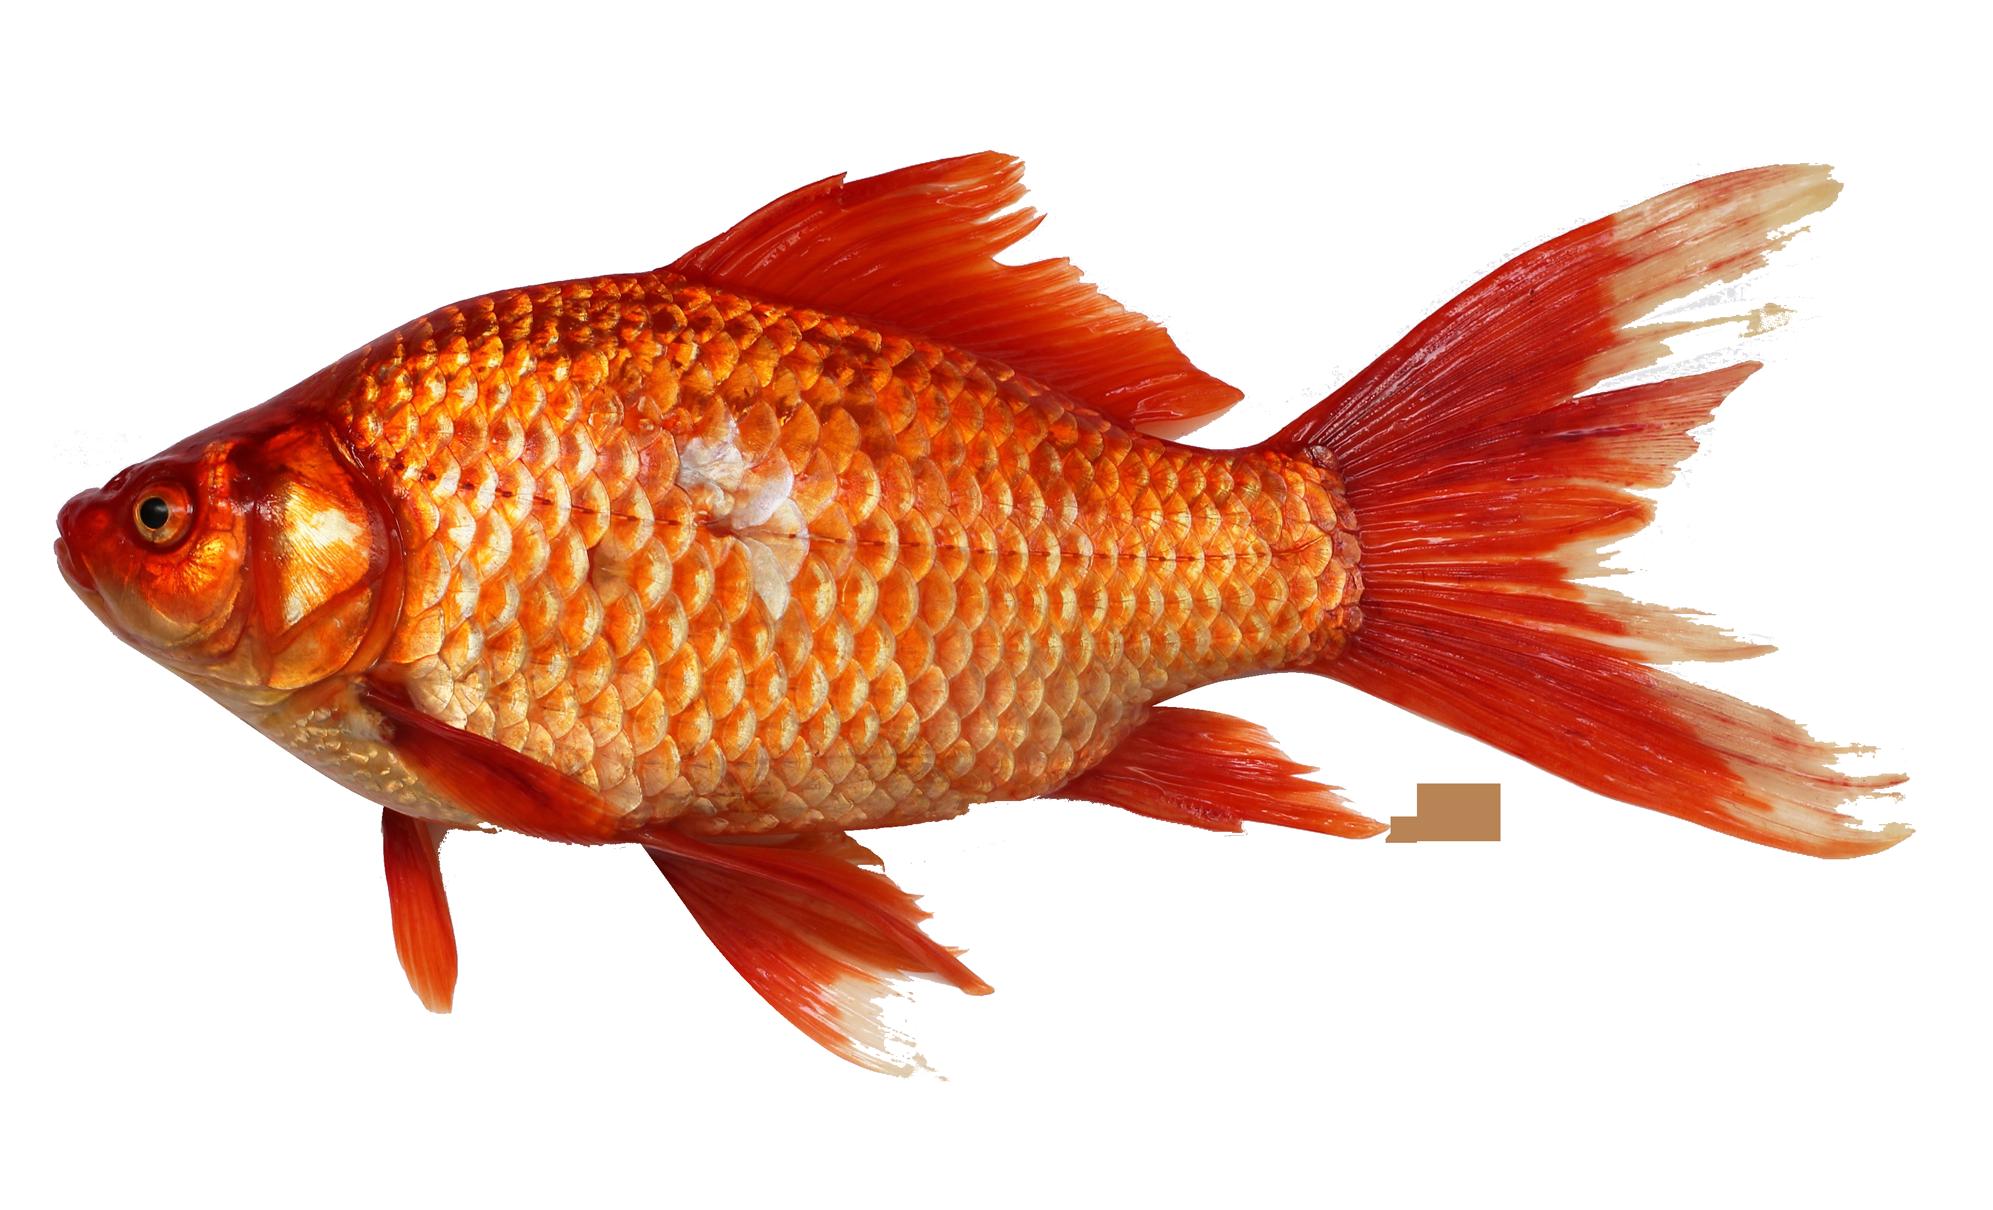 Goldfish clipart golden fish. Png transparent images pluspng